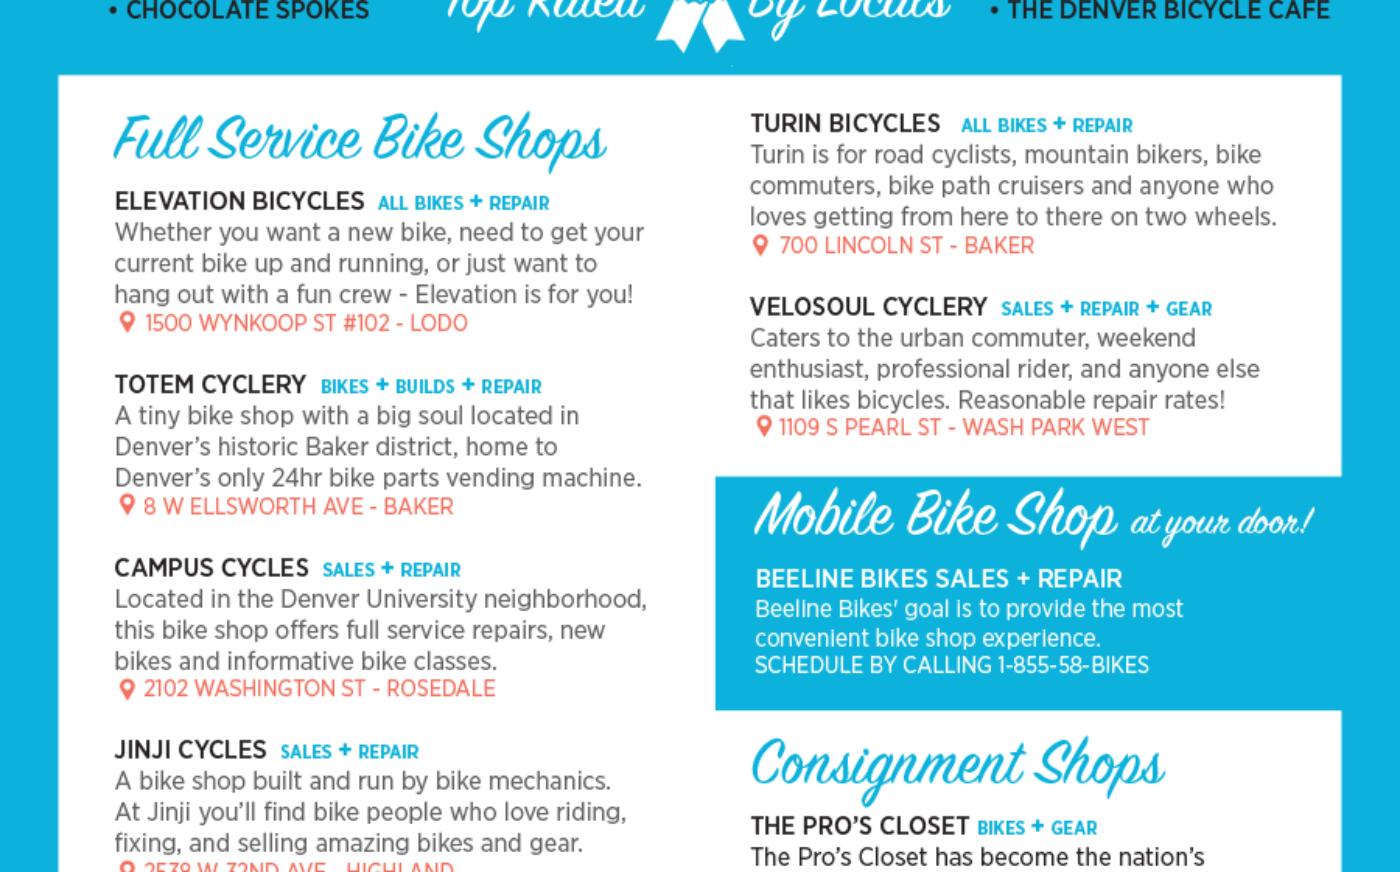 Denver Bike Shops